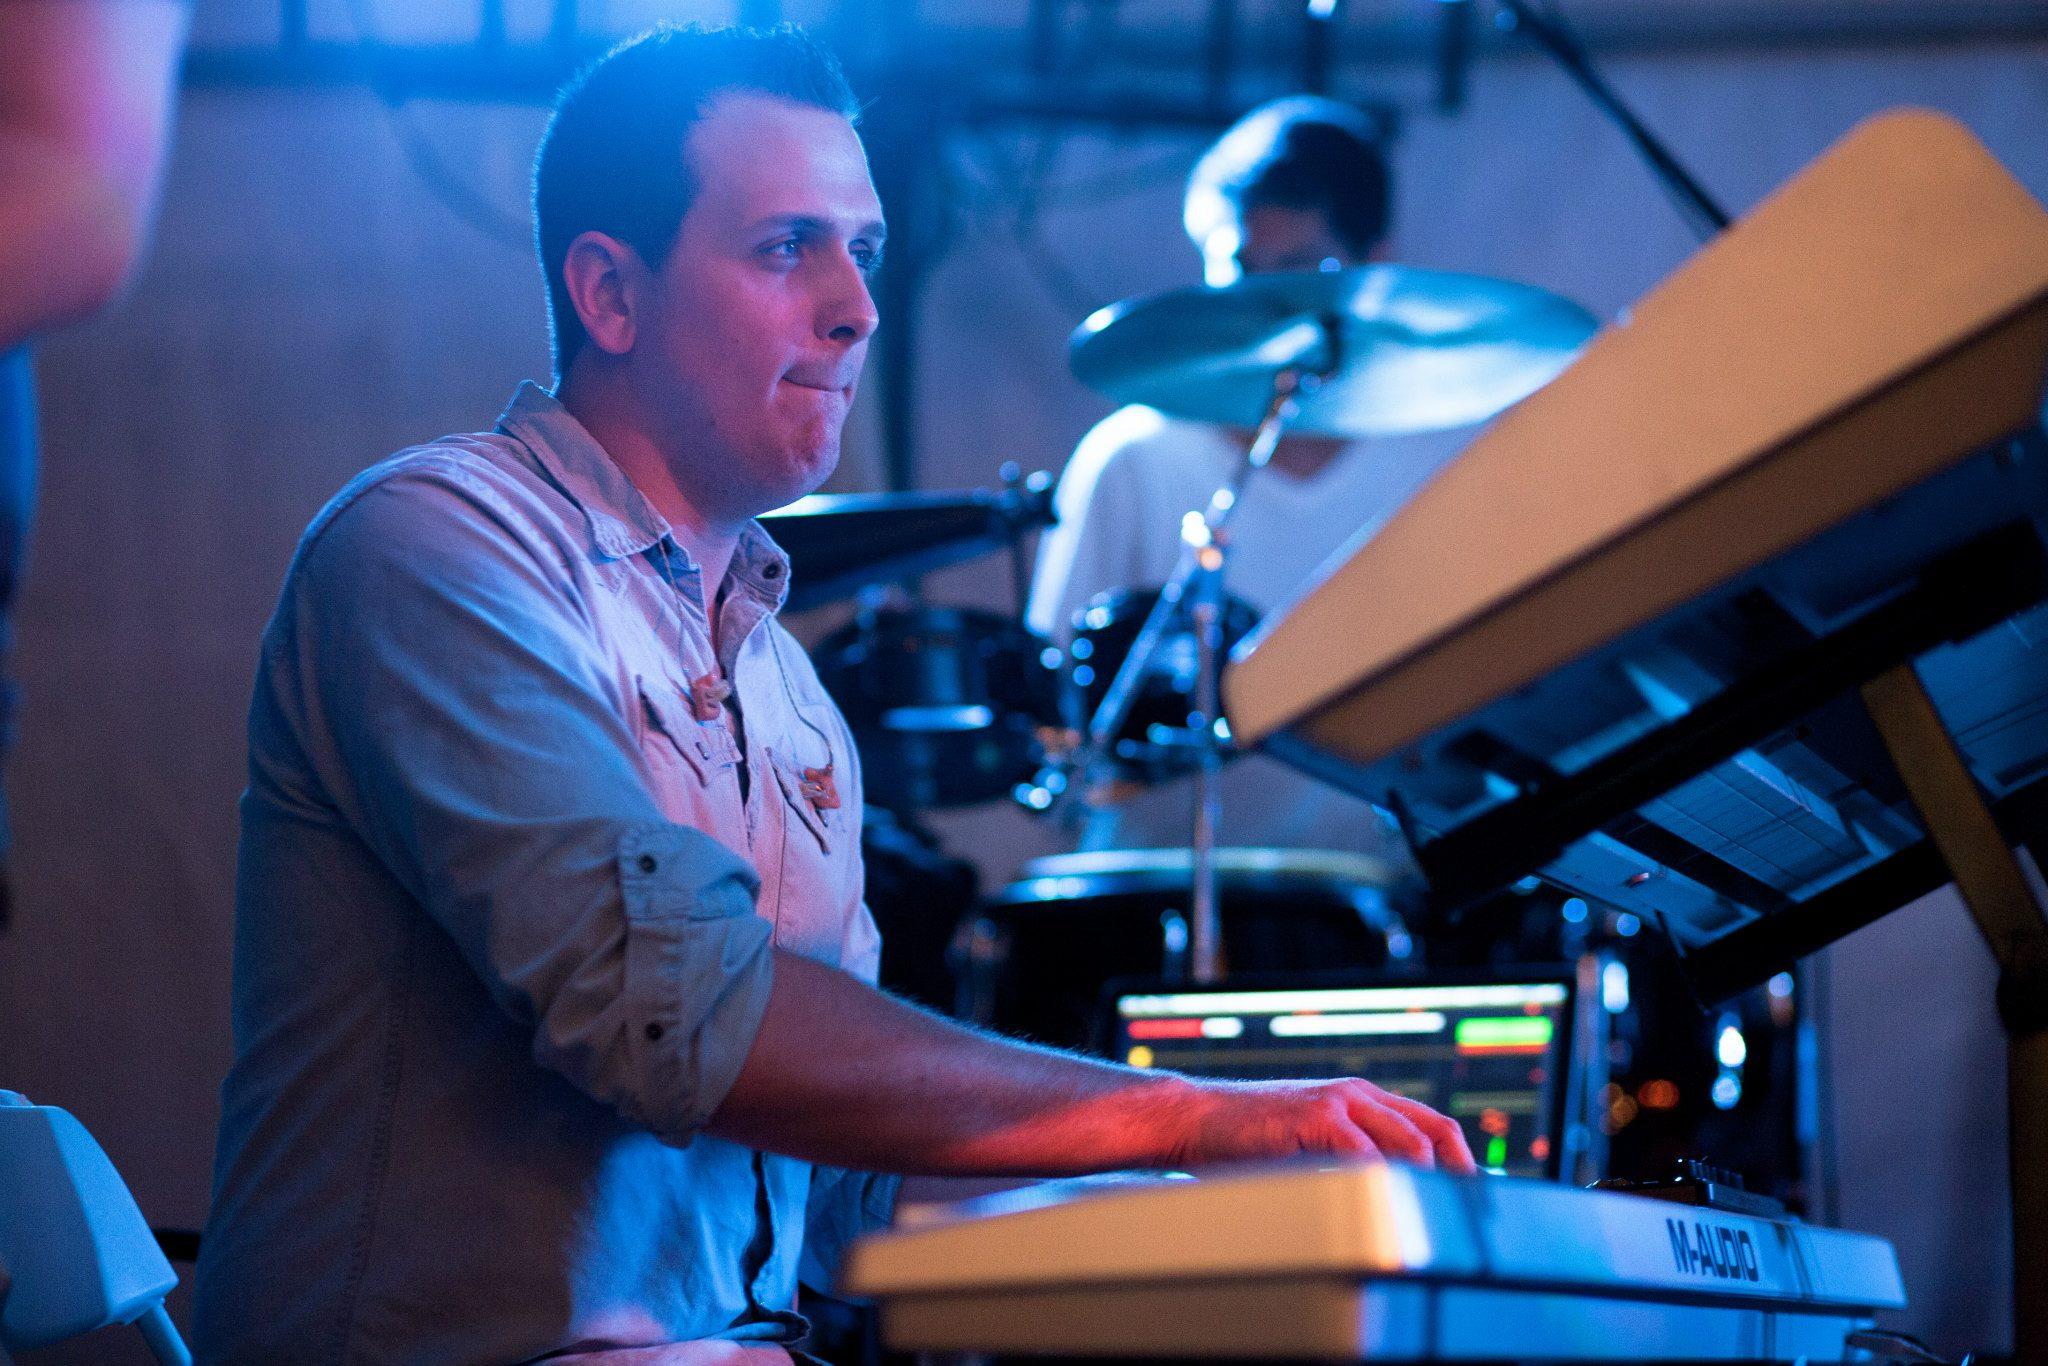 Matthew Billings (Aux Keyboards/Synth)